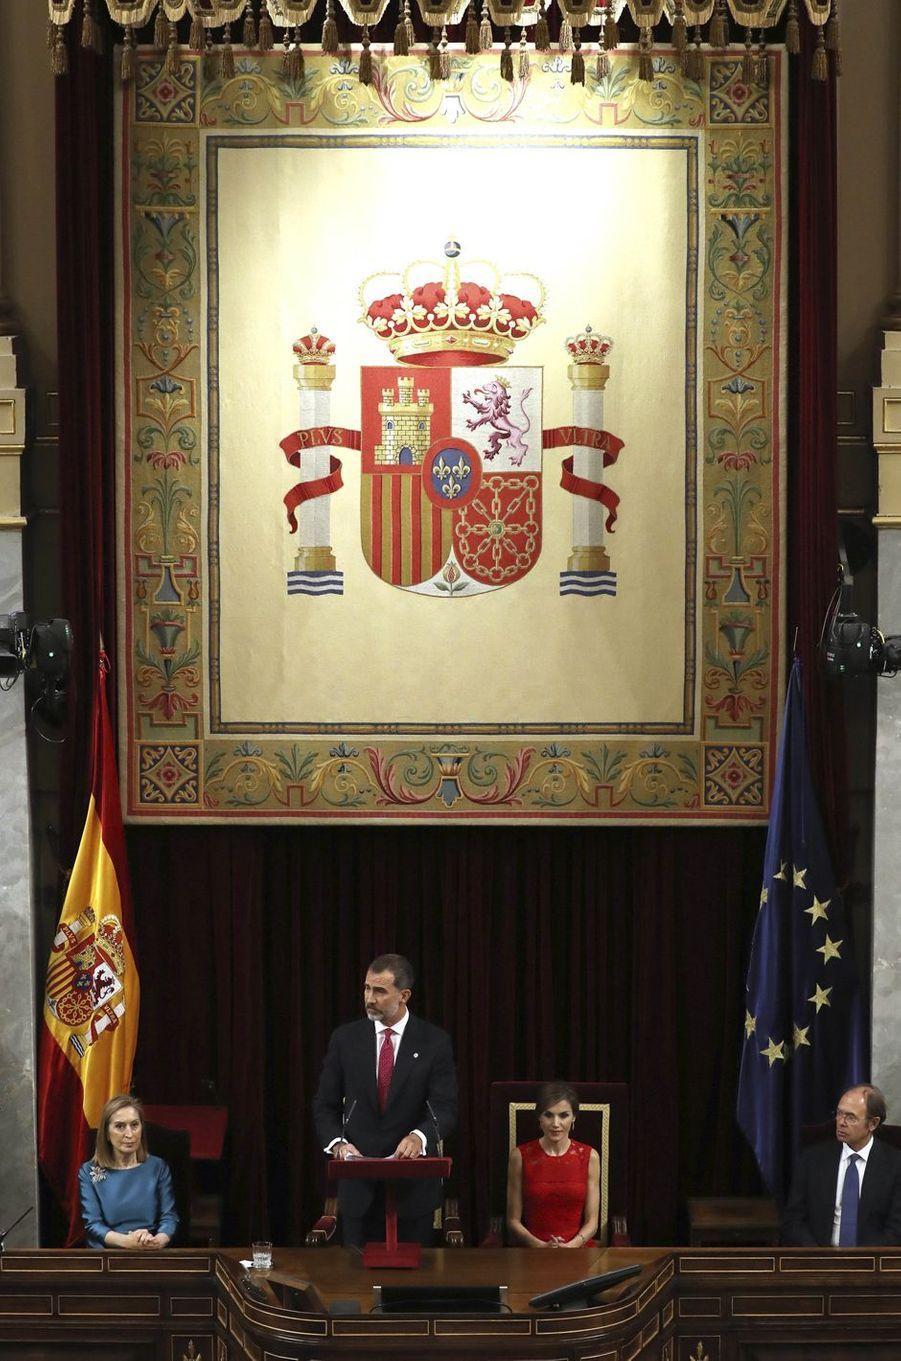 La reine Letizia et le roi Felipe VI d'Espagne au siège du Congrès des députés à Madrid, le 28 juin 2017